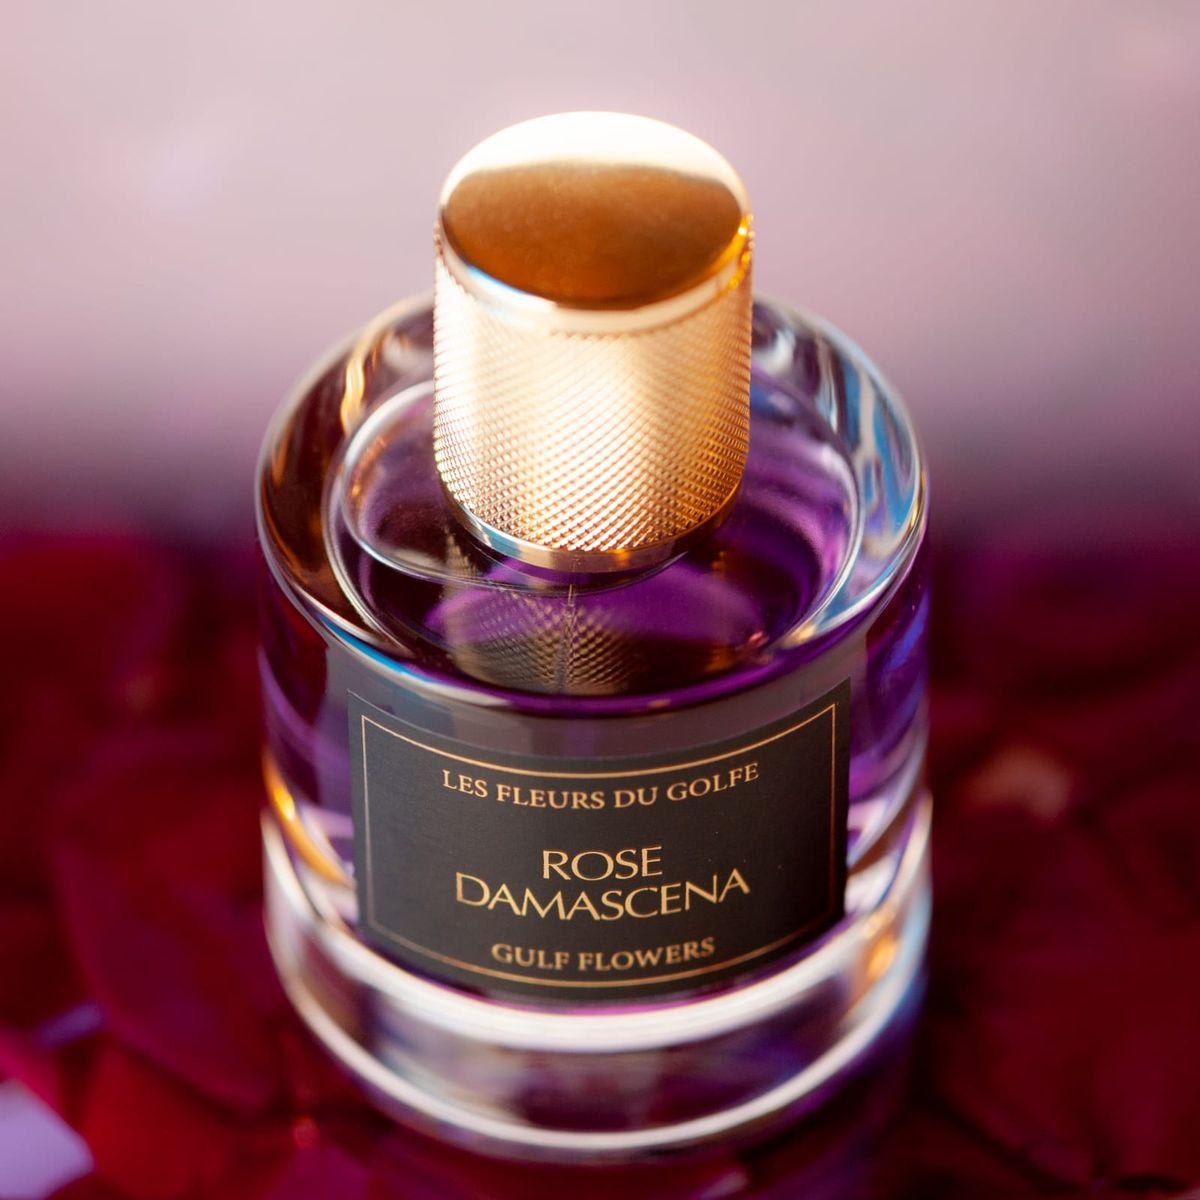 Rose Damascena, un des parfums à la rose oriental-floral qui exprime la sensualité de la rose.